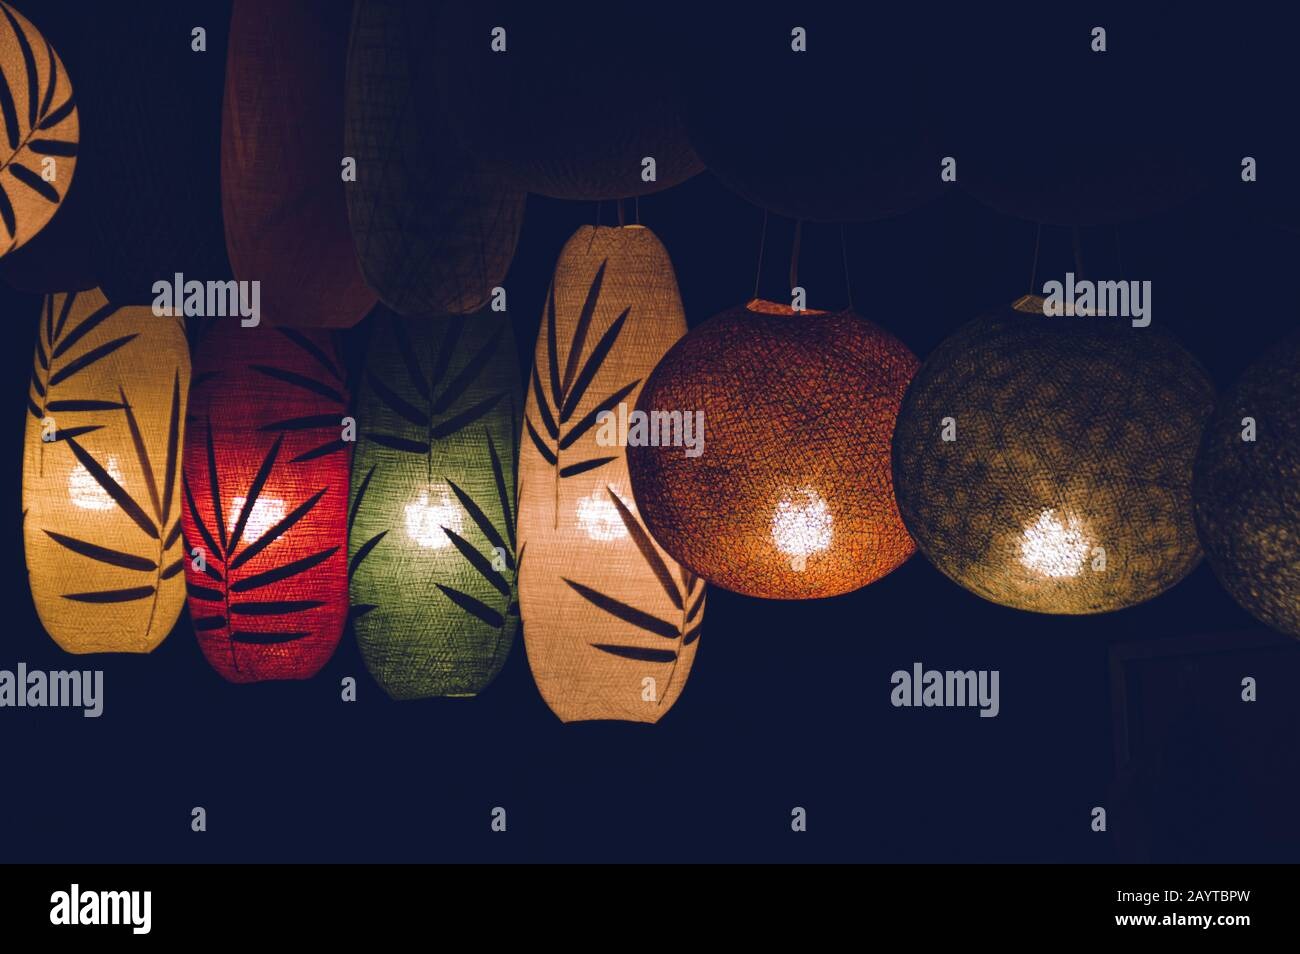 Belles lanternes en soie lao dans le marché nocturne de Luang Prabang au Laos pendant le bon Ok Pansa ou le Festival de la lumière Banque D'Images